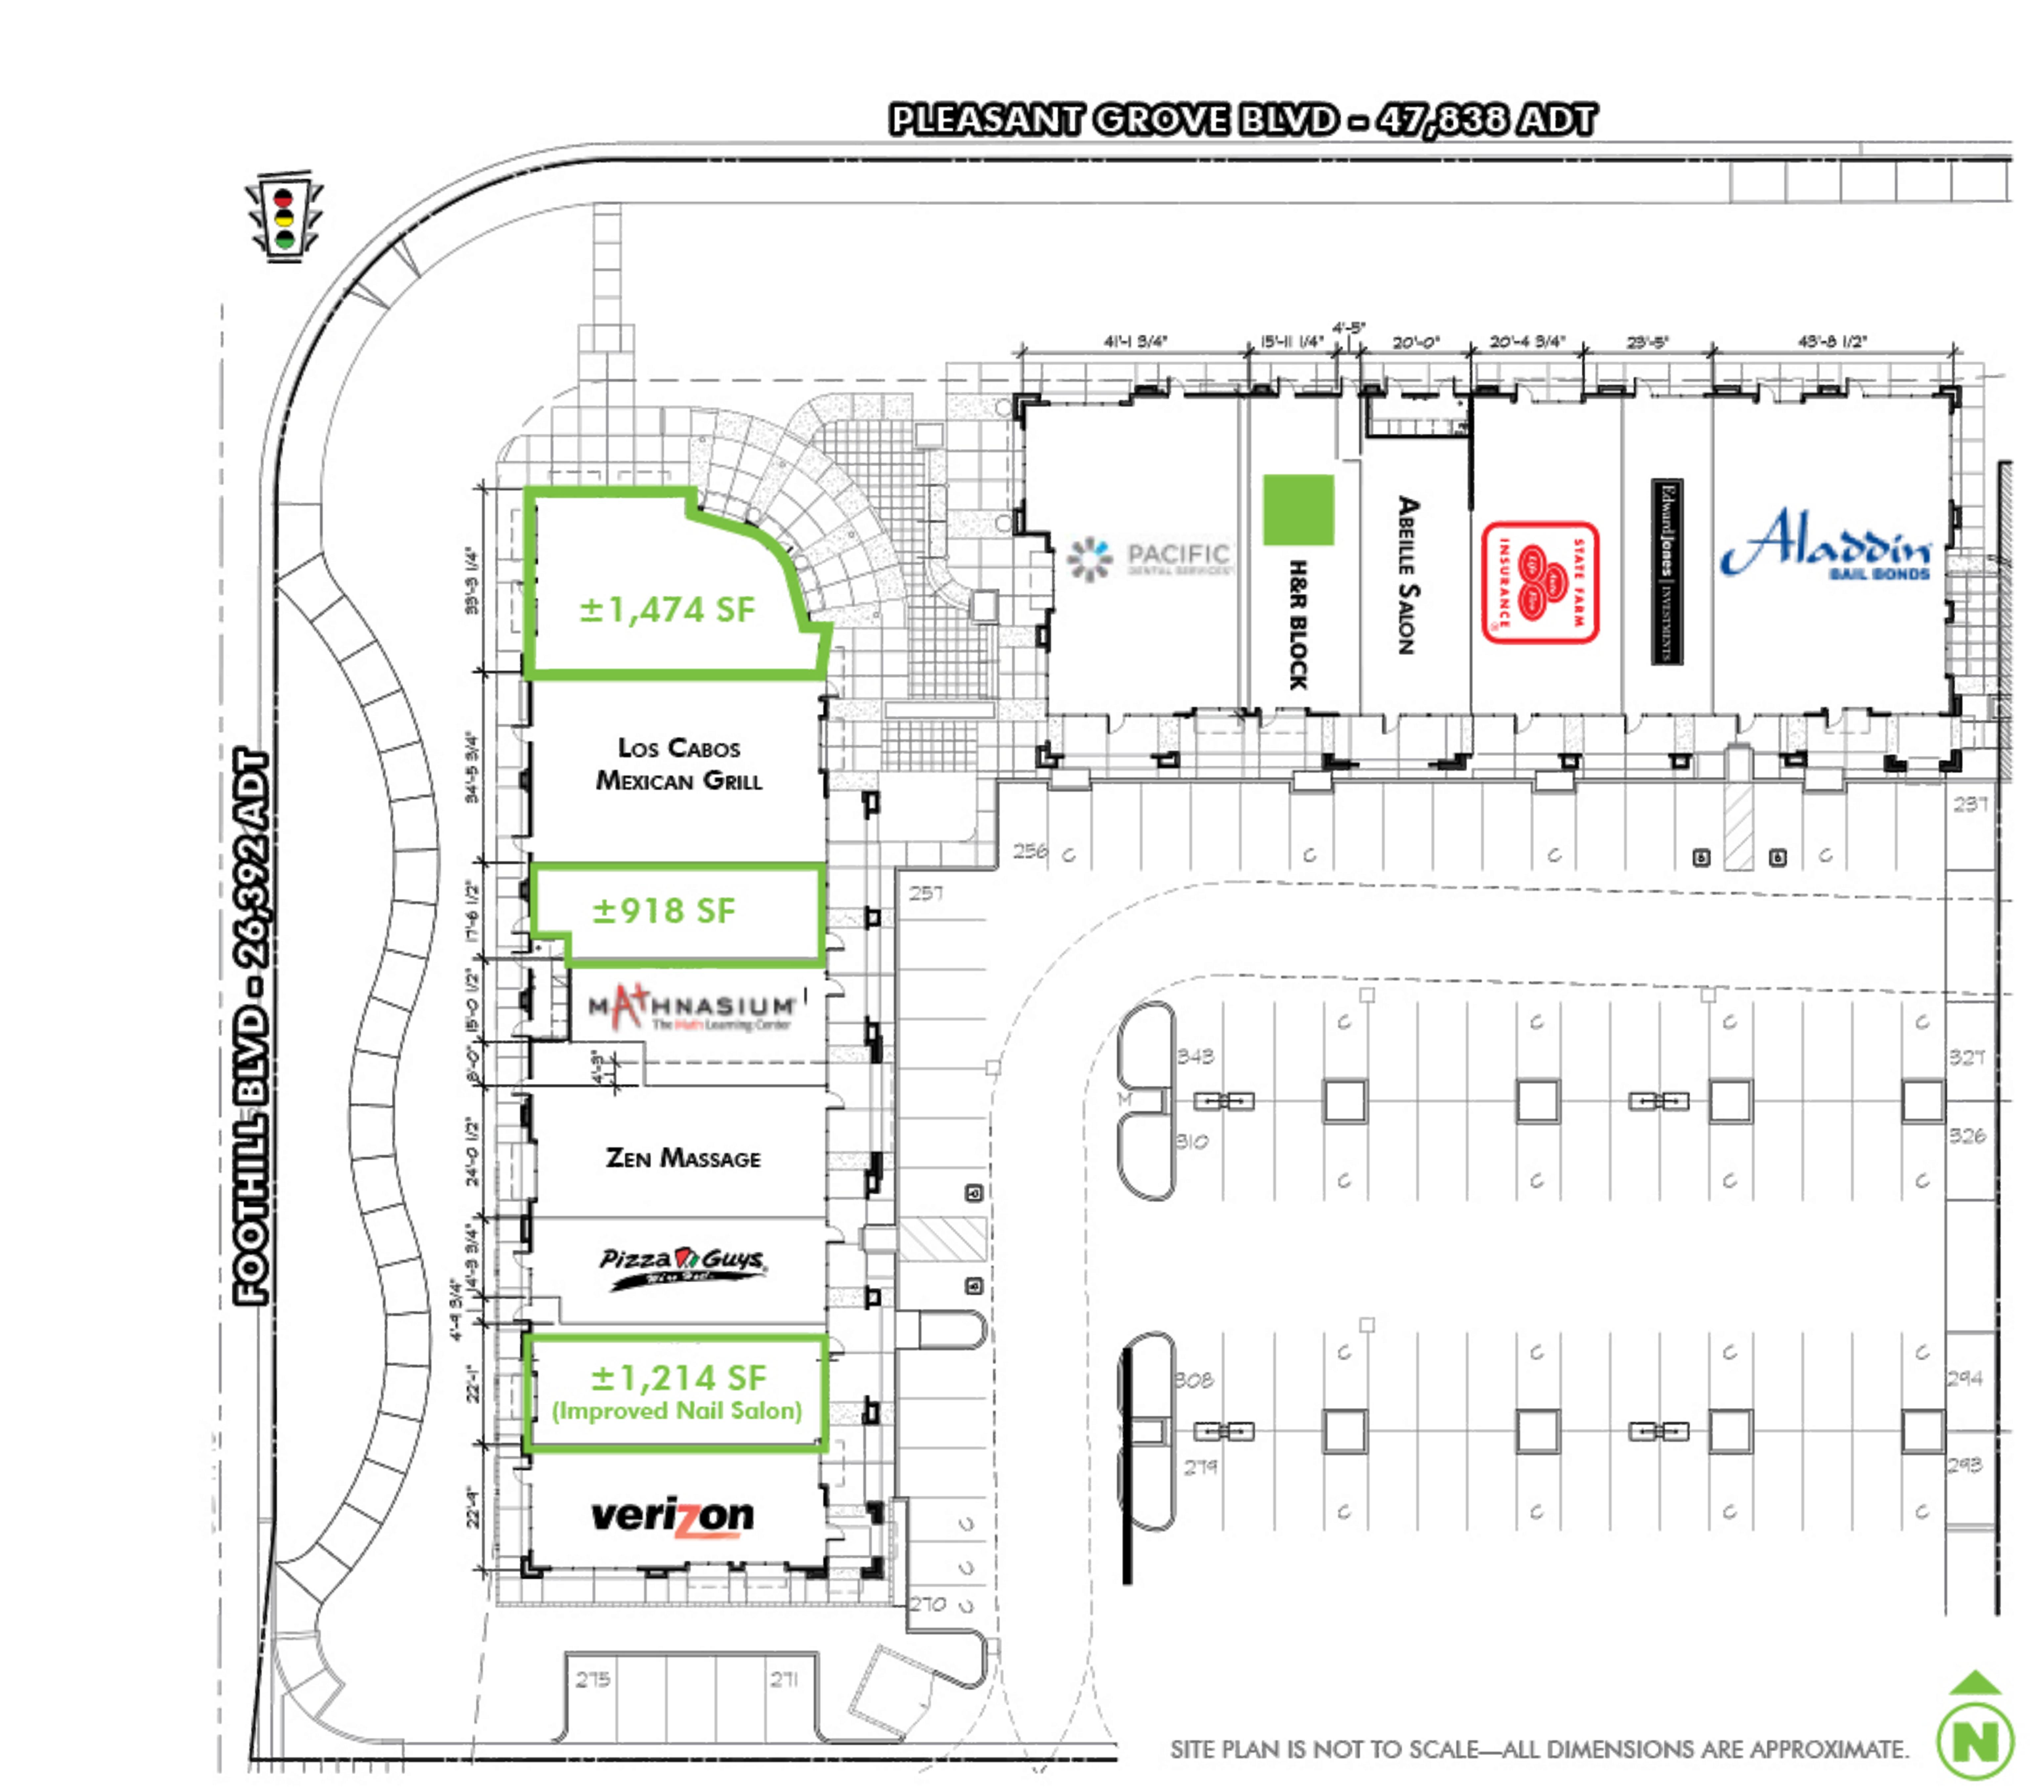 Pleasant Grove Pavilion: site plan